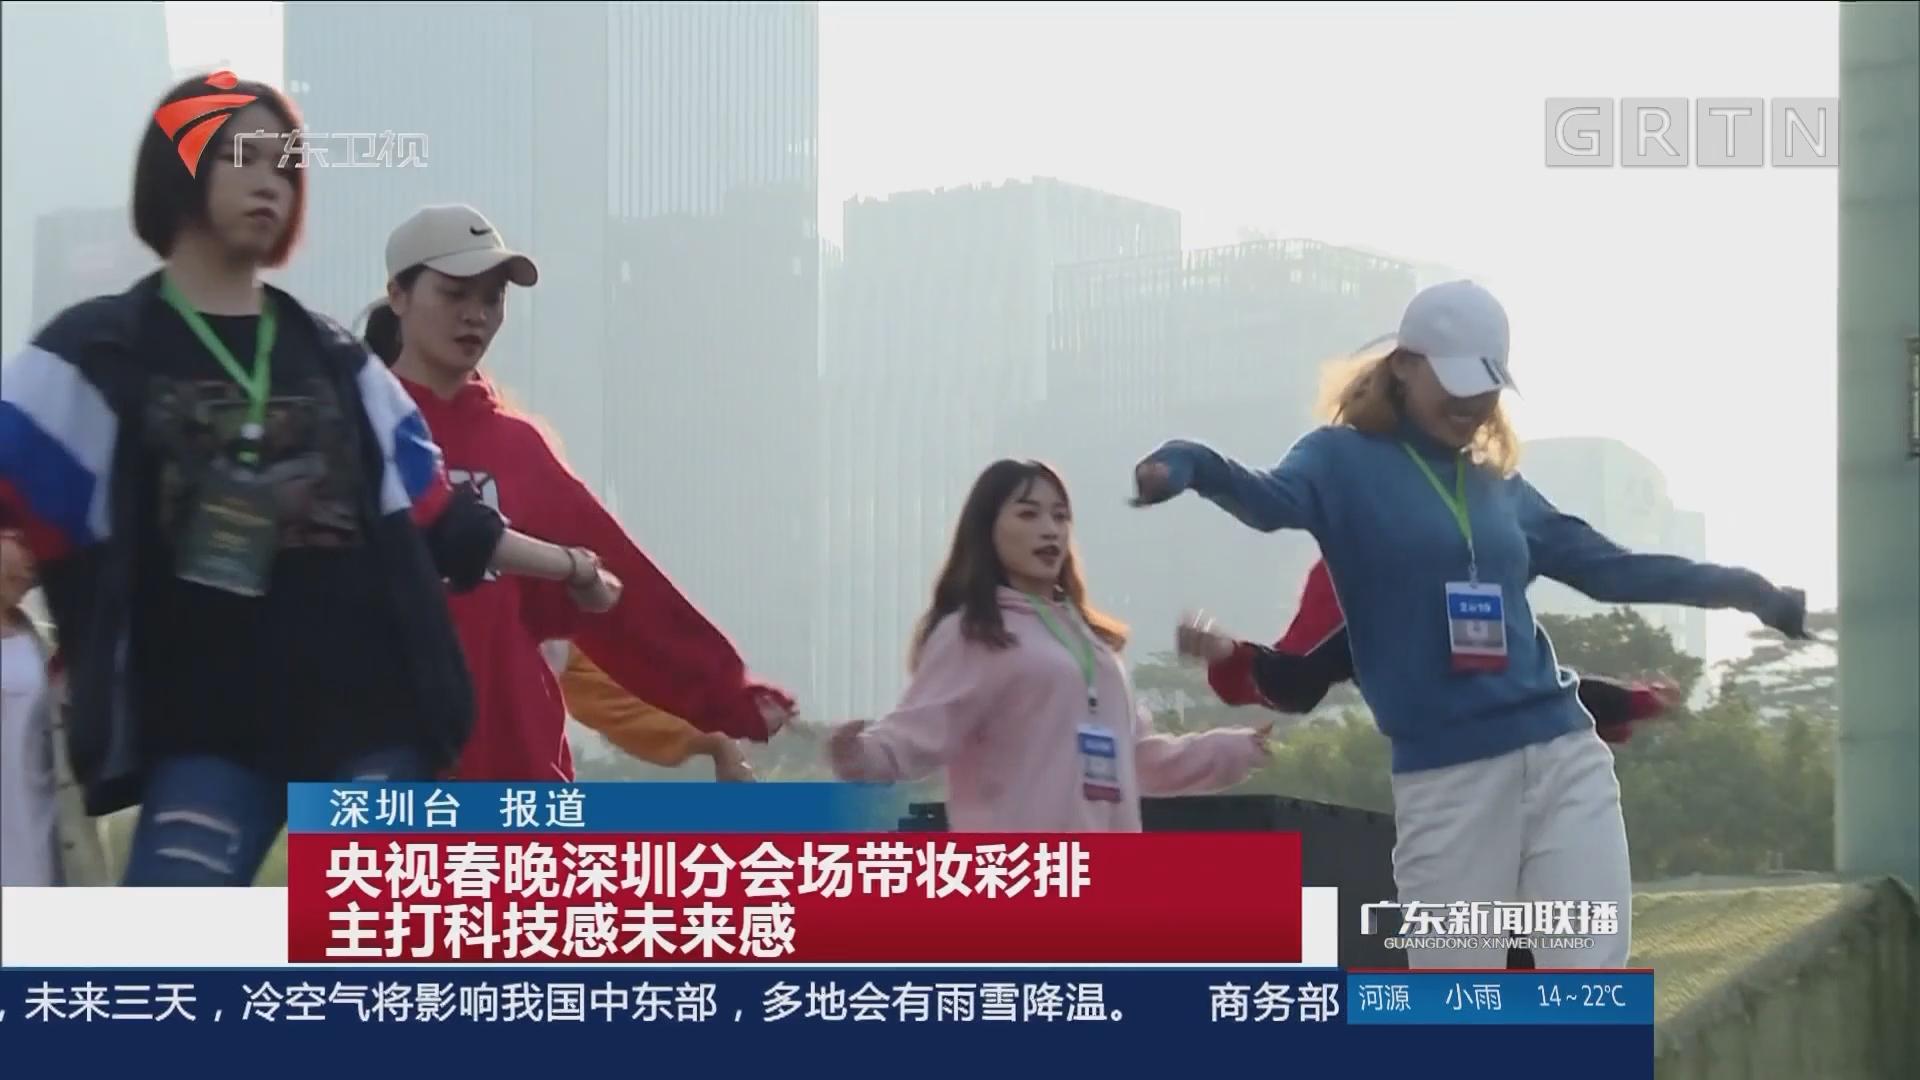 央视春晚深圳分会场带妆彩排 主打科技感未来感